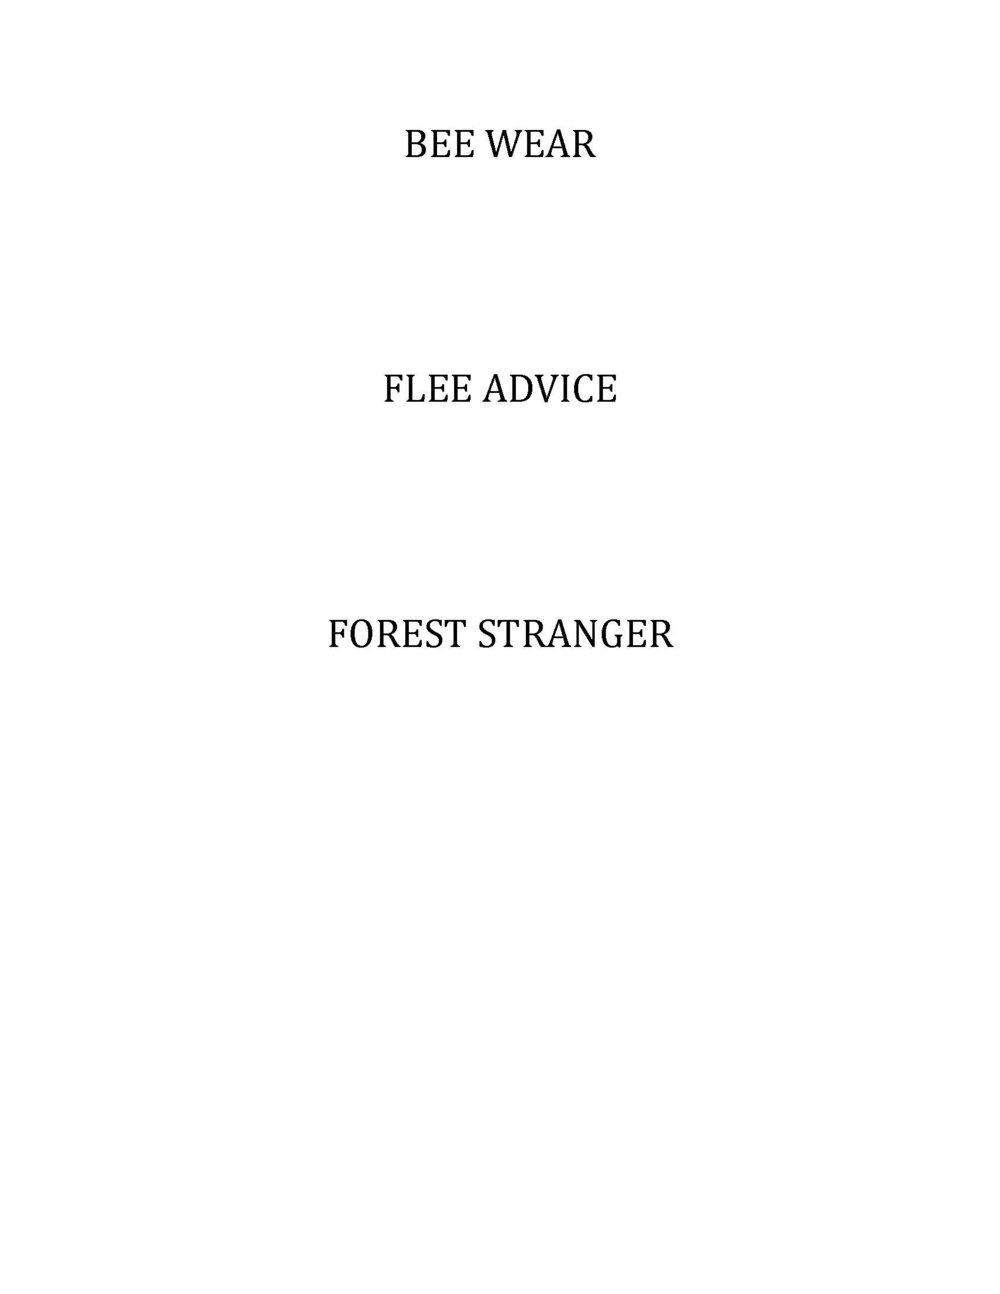 Yau Hoodie Poems original set_Page_1.jpg